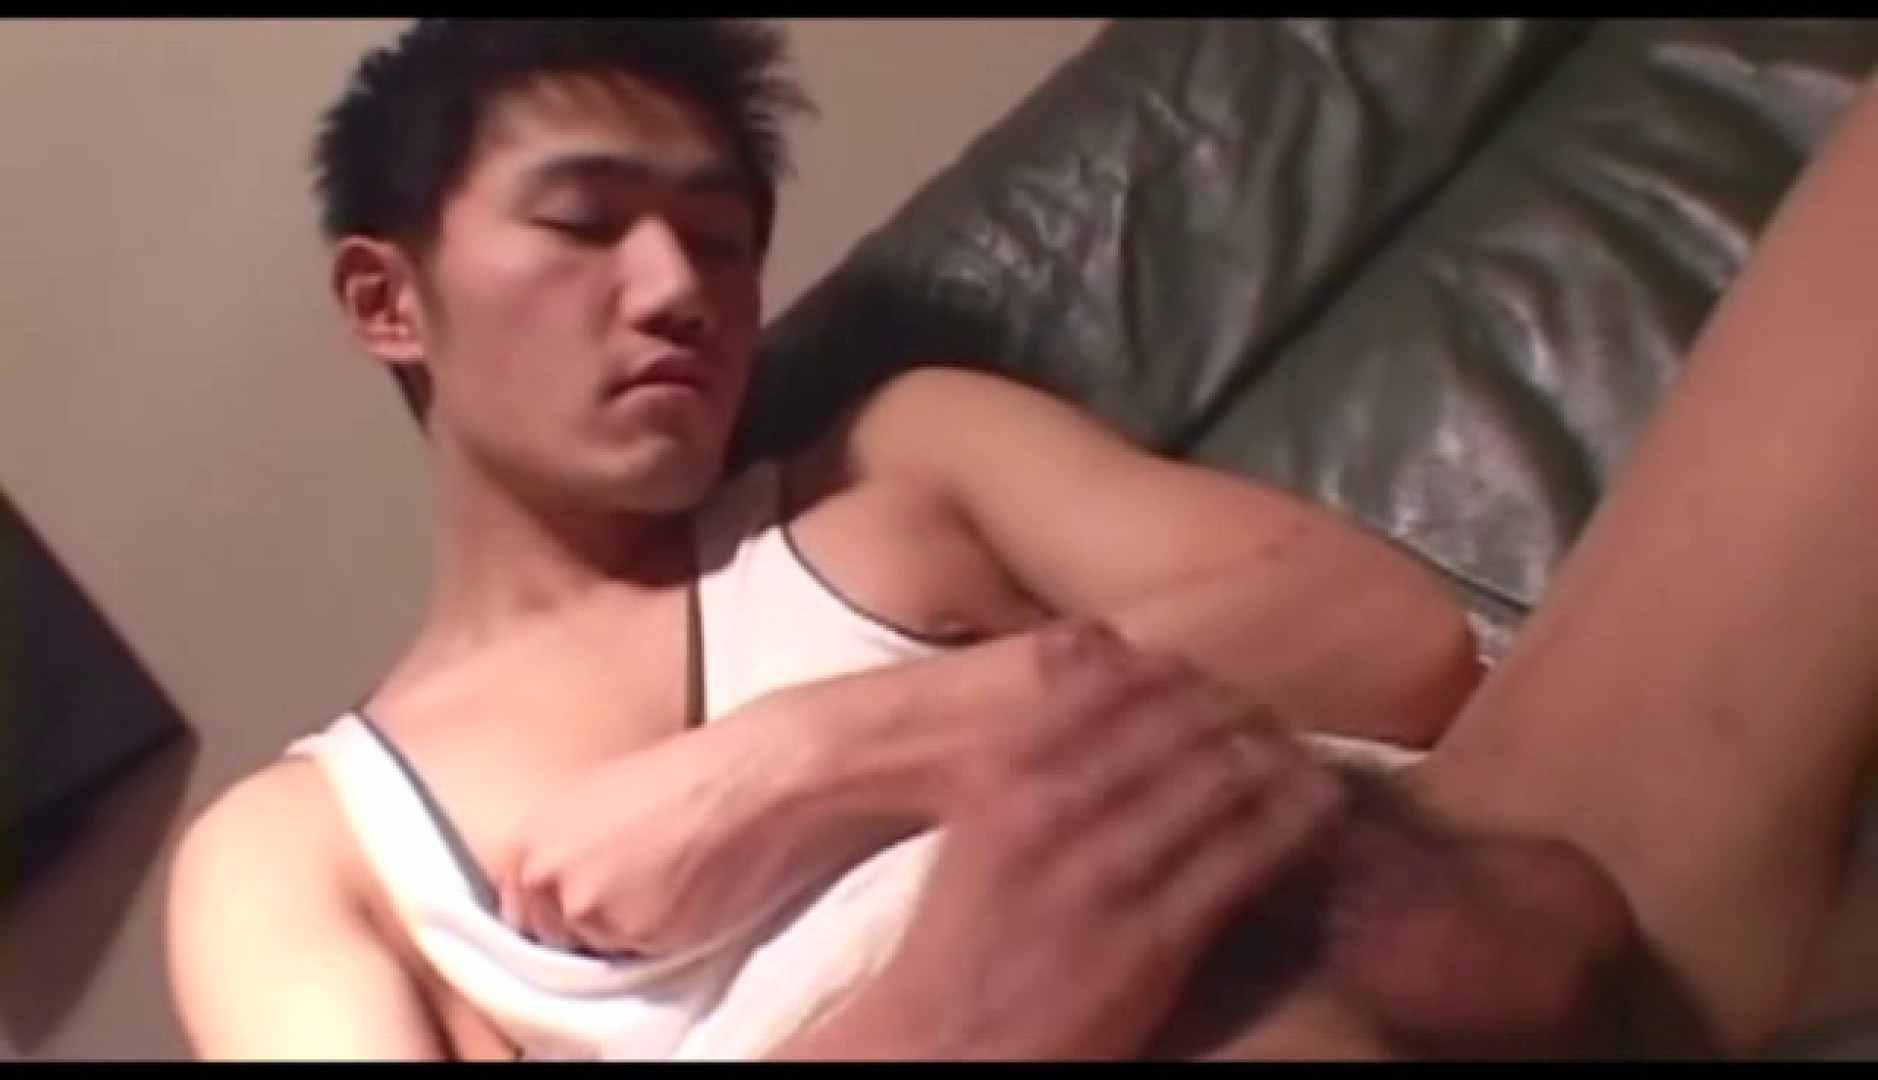 イケメンダブルス!Vol.02 イケメンのセックス   お掃除フェラ  8枚 5